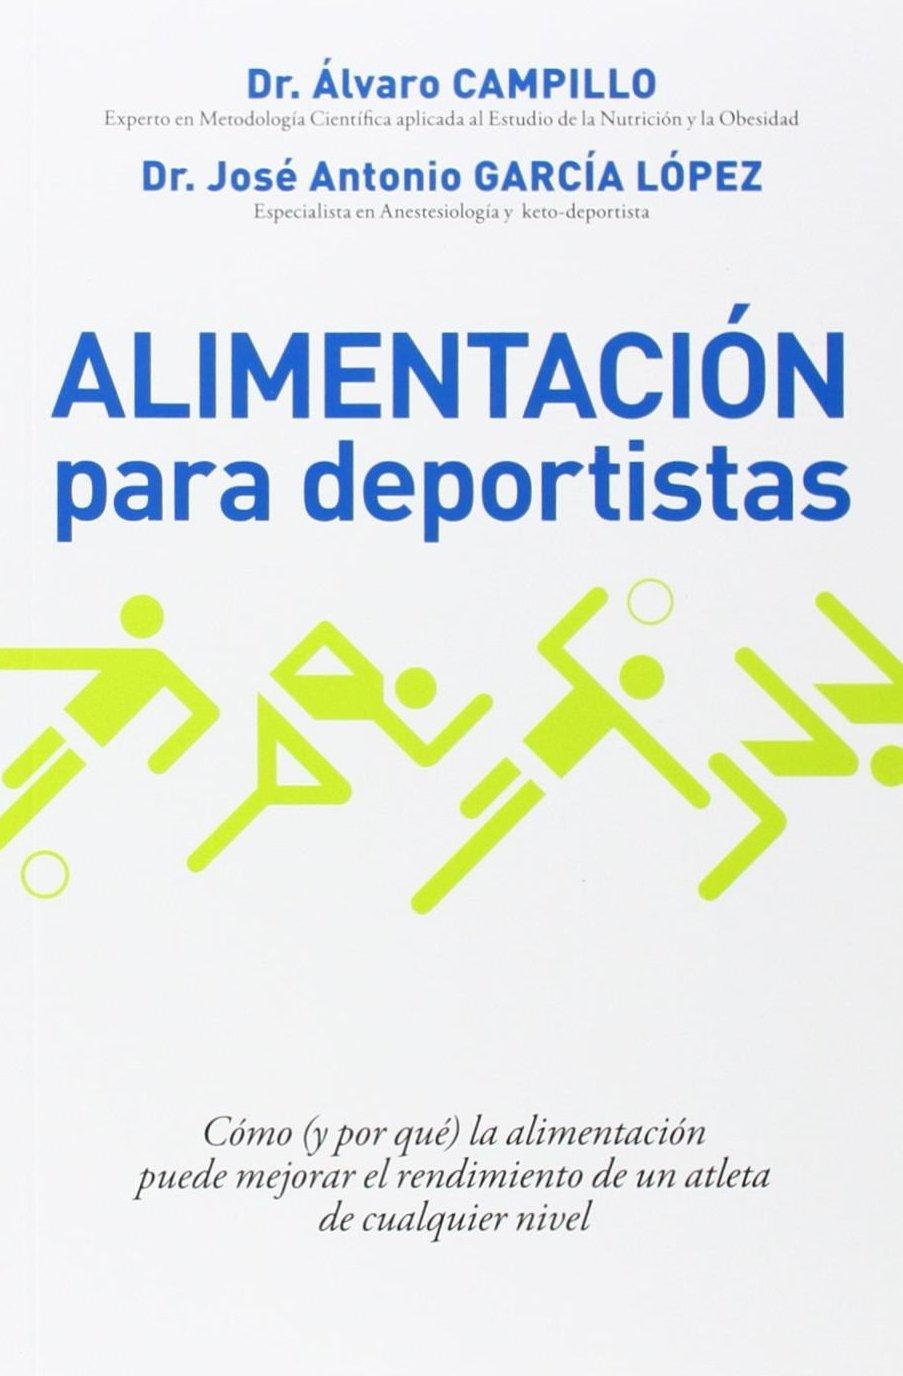 Alimentación para deportistas  by  Alvaro Campillo